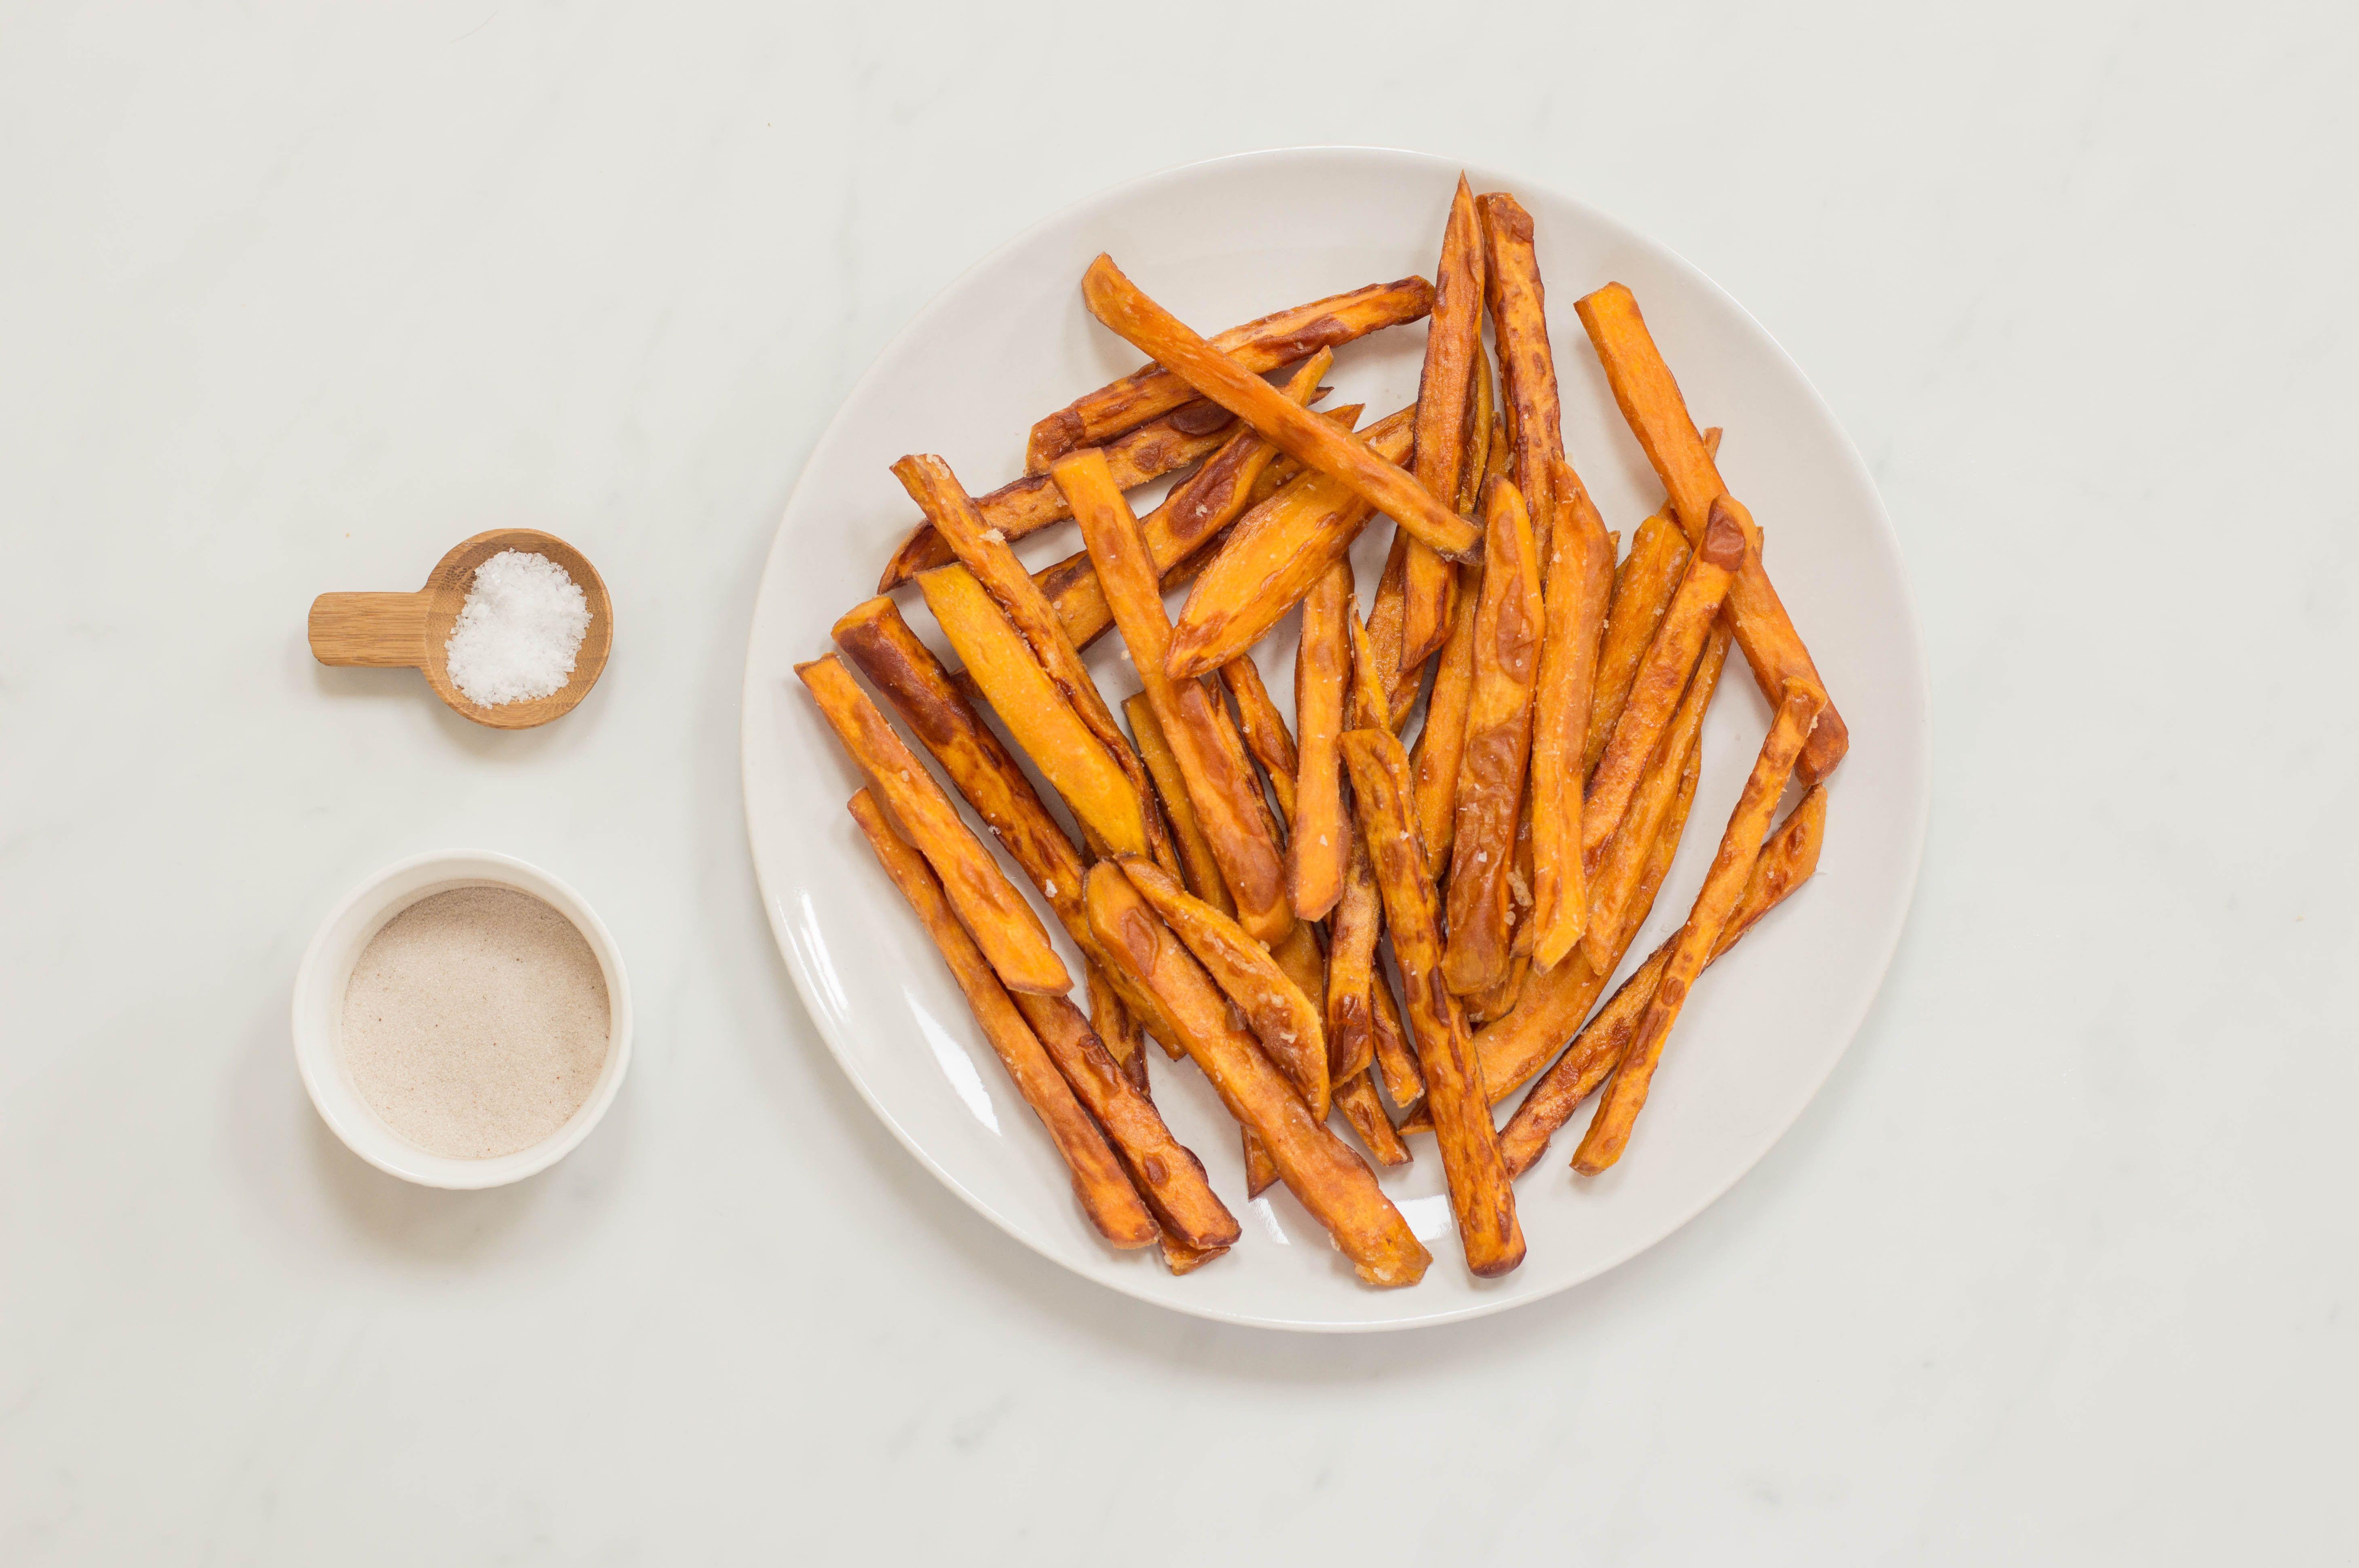 Sprinkle fries with seasonings